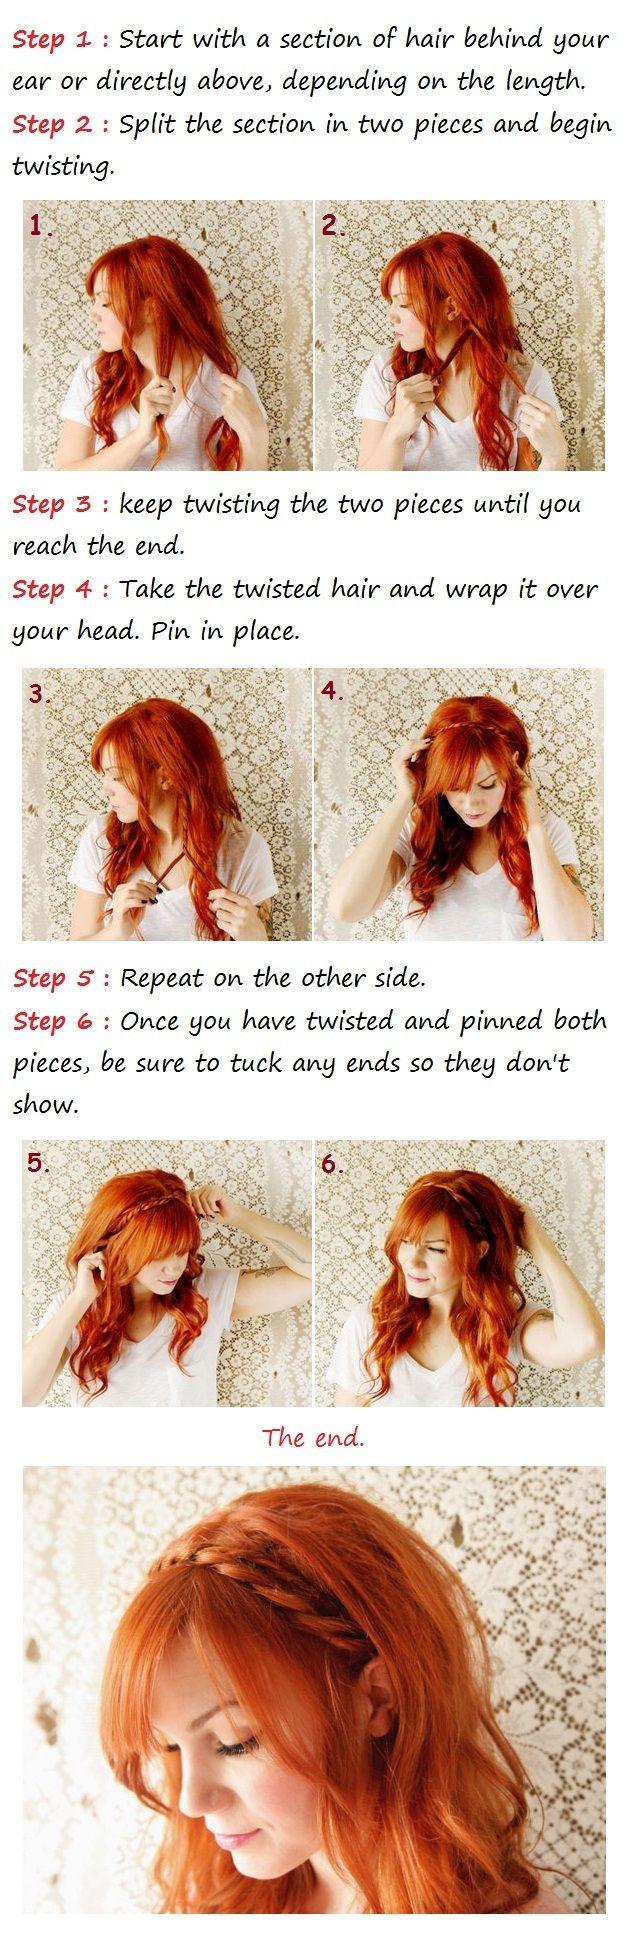 best makeup u hair images on pinterest cute hairstyles hair